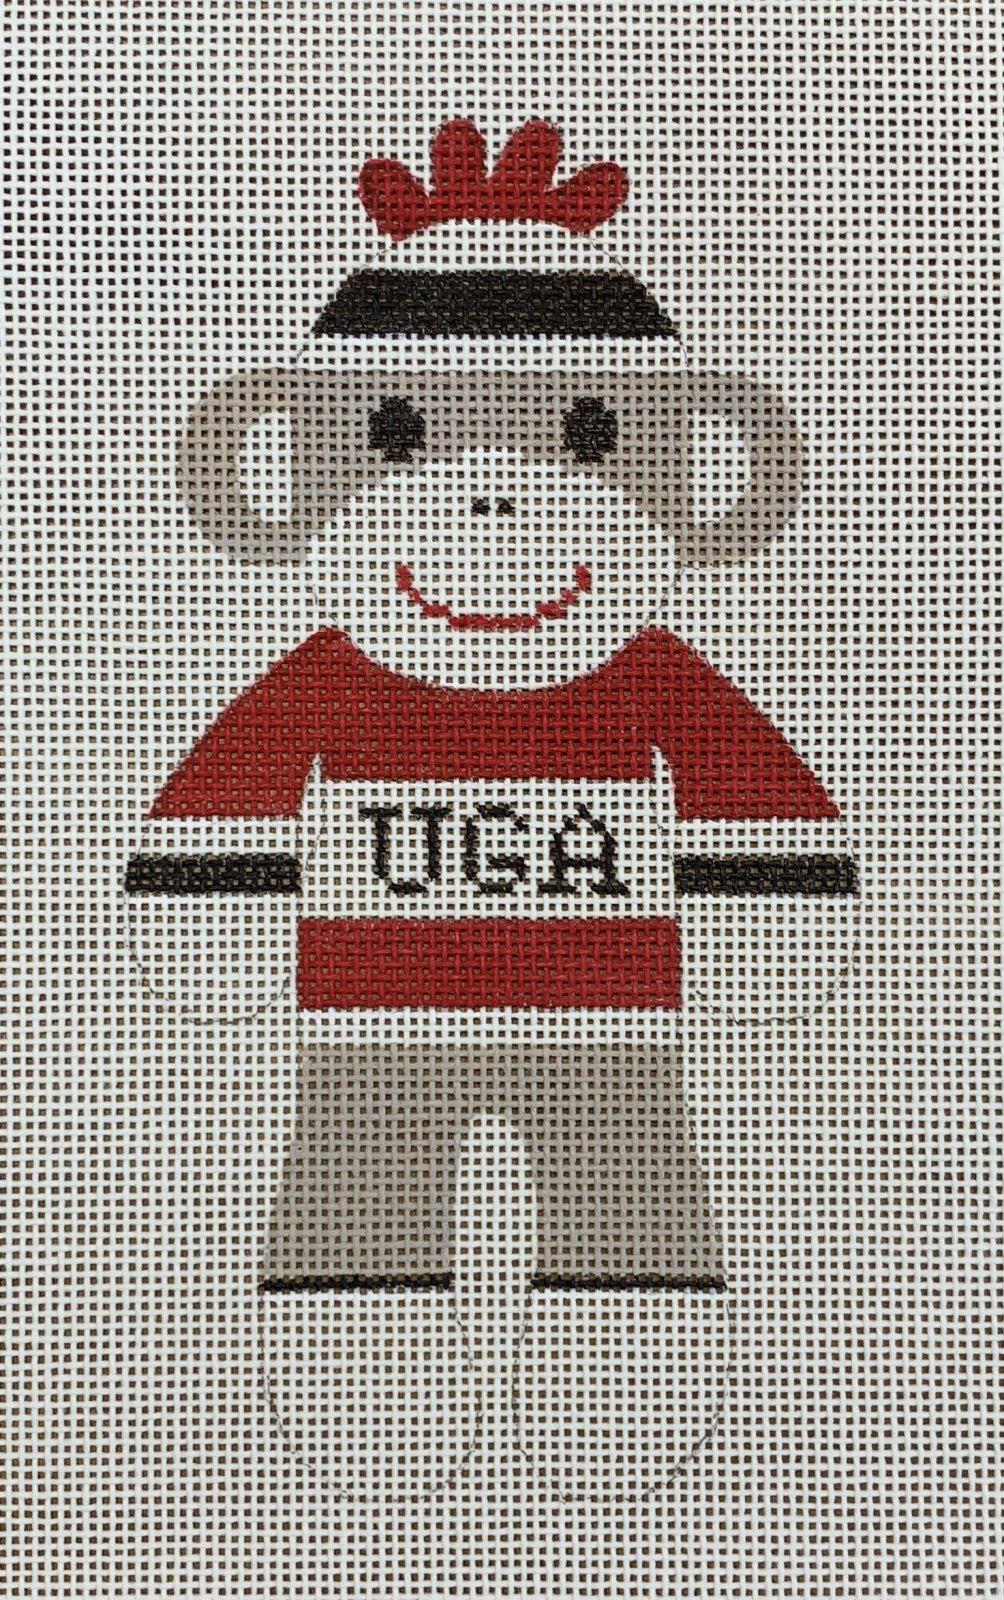 Sock Monkey - UGA